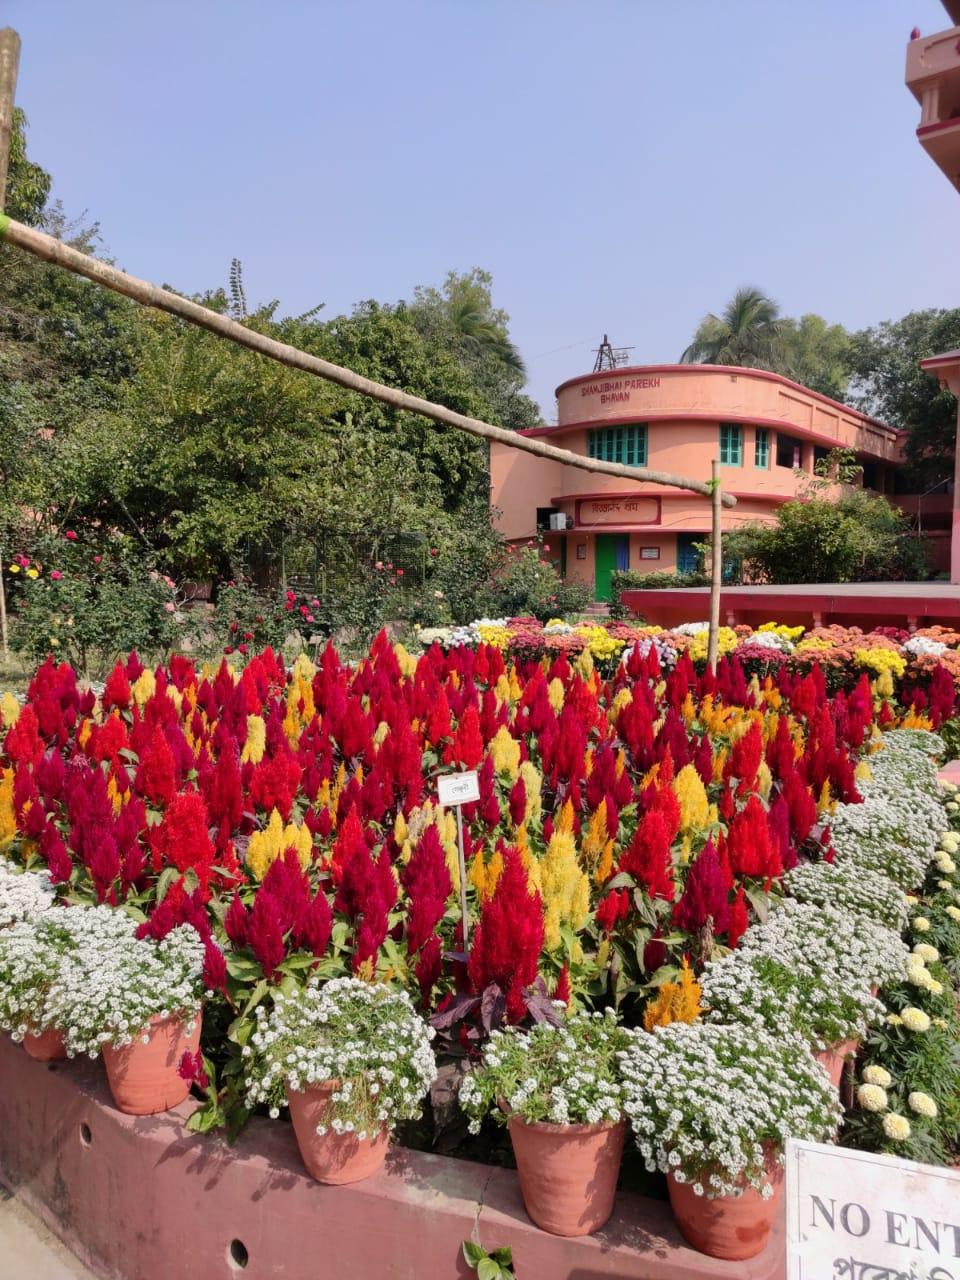 Blooming beauty at Nimpith